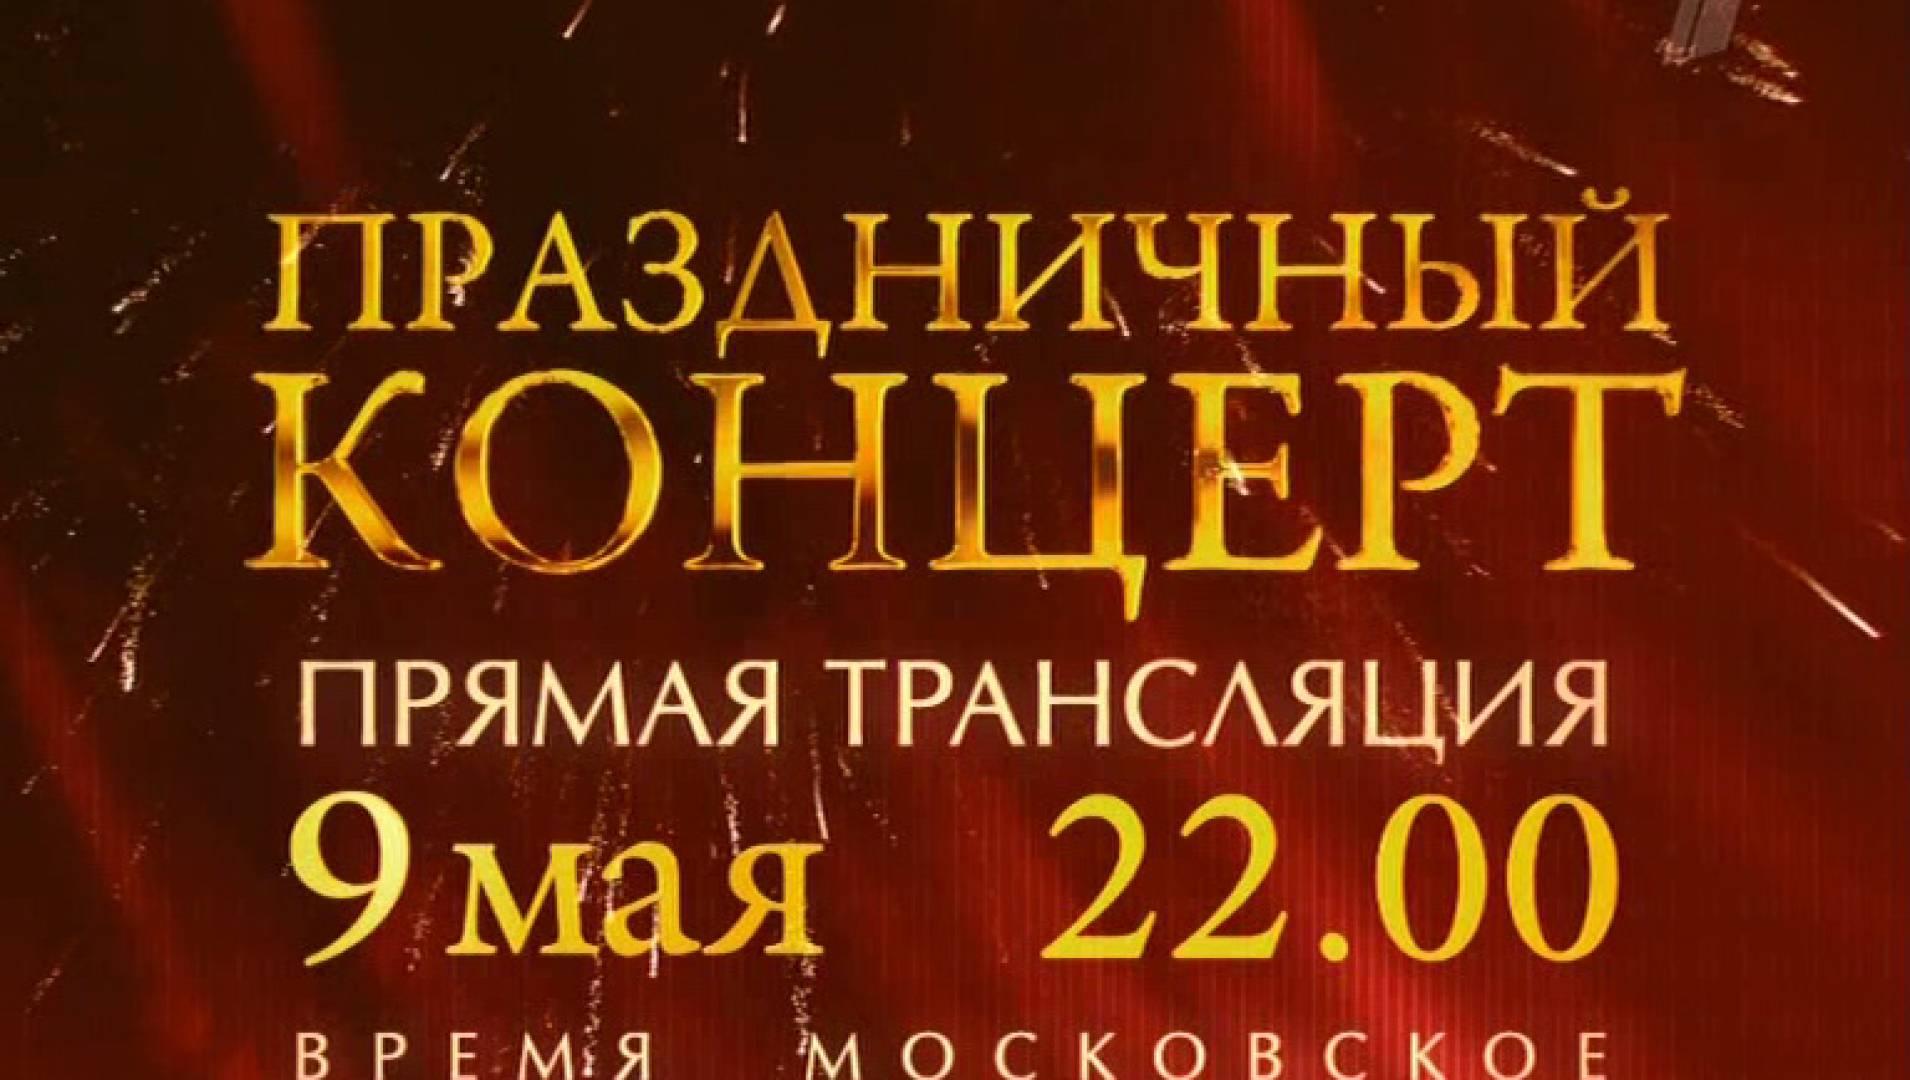 Праздничный концерт 9мая - Концерт